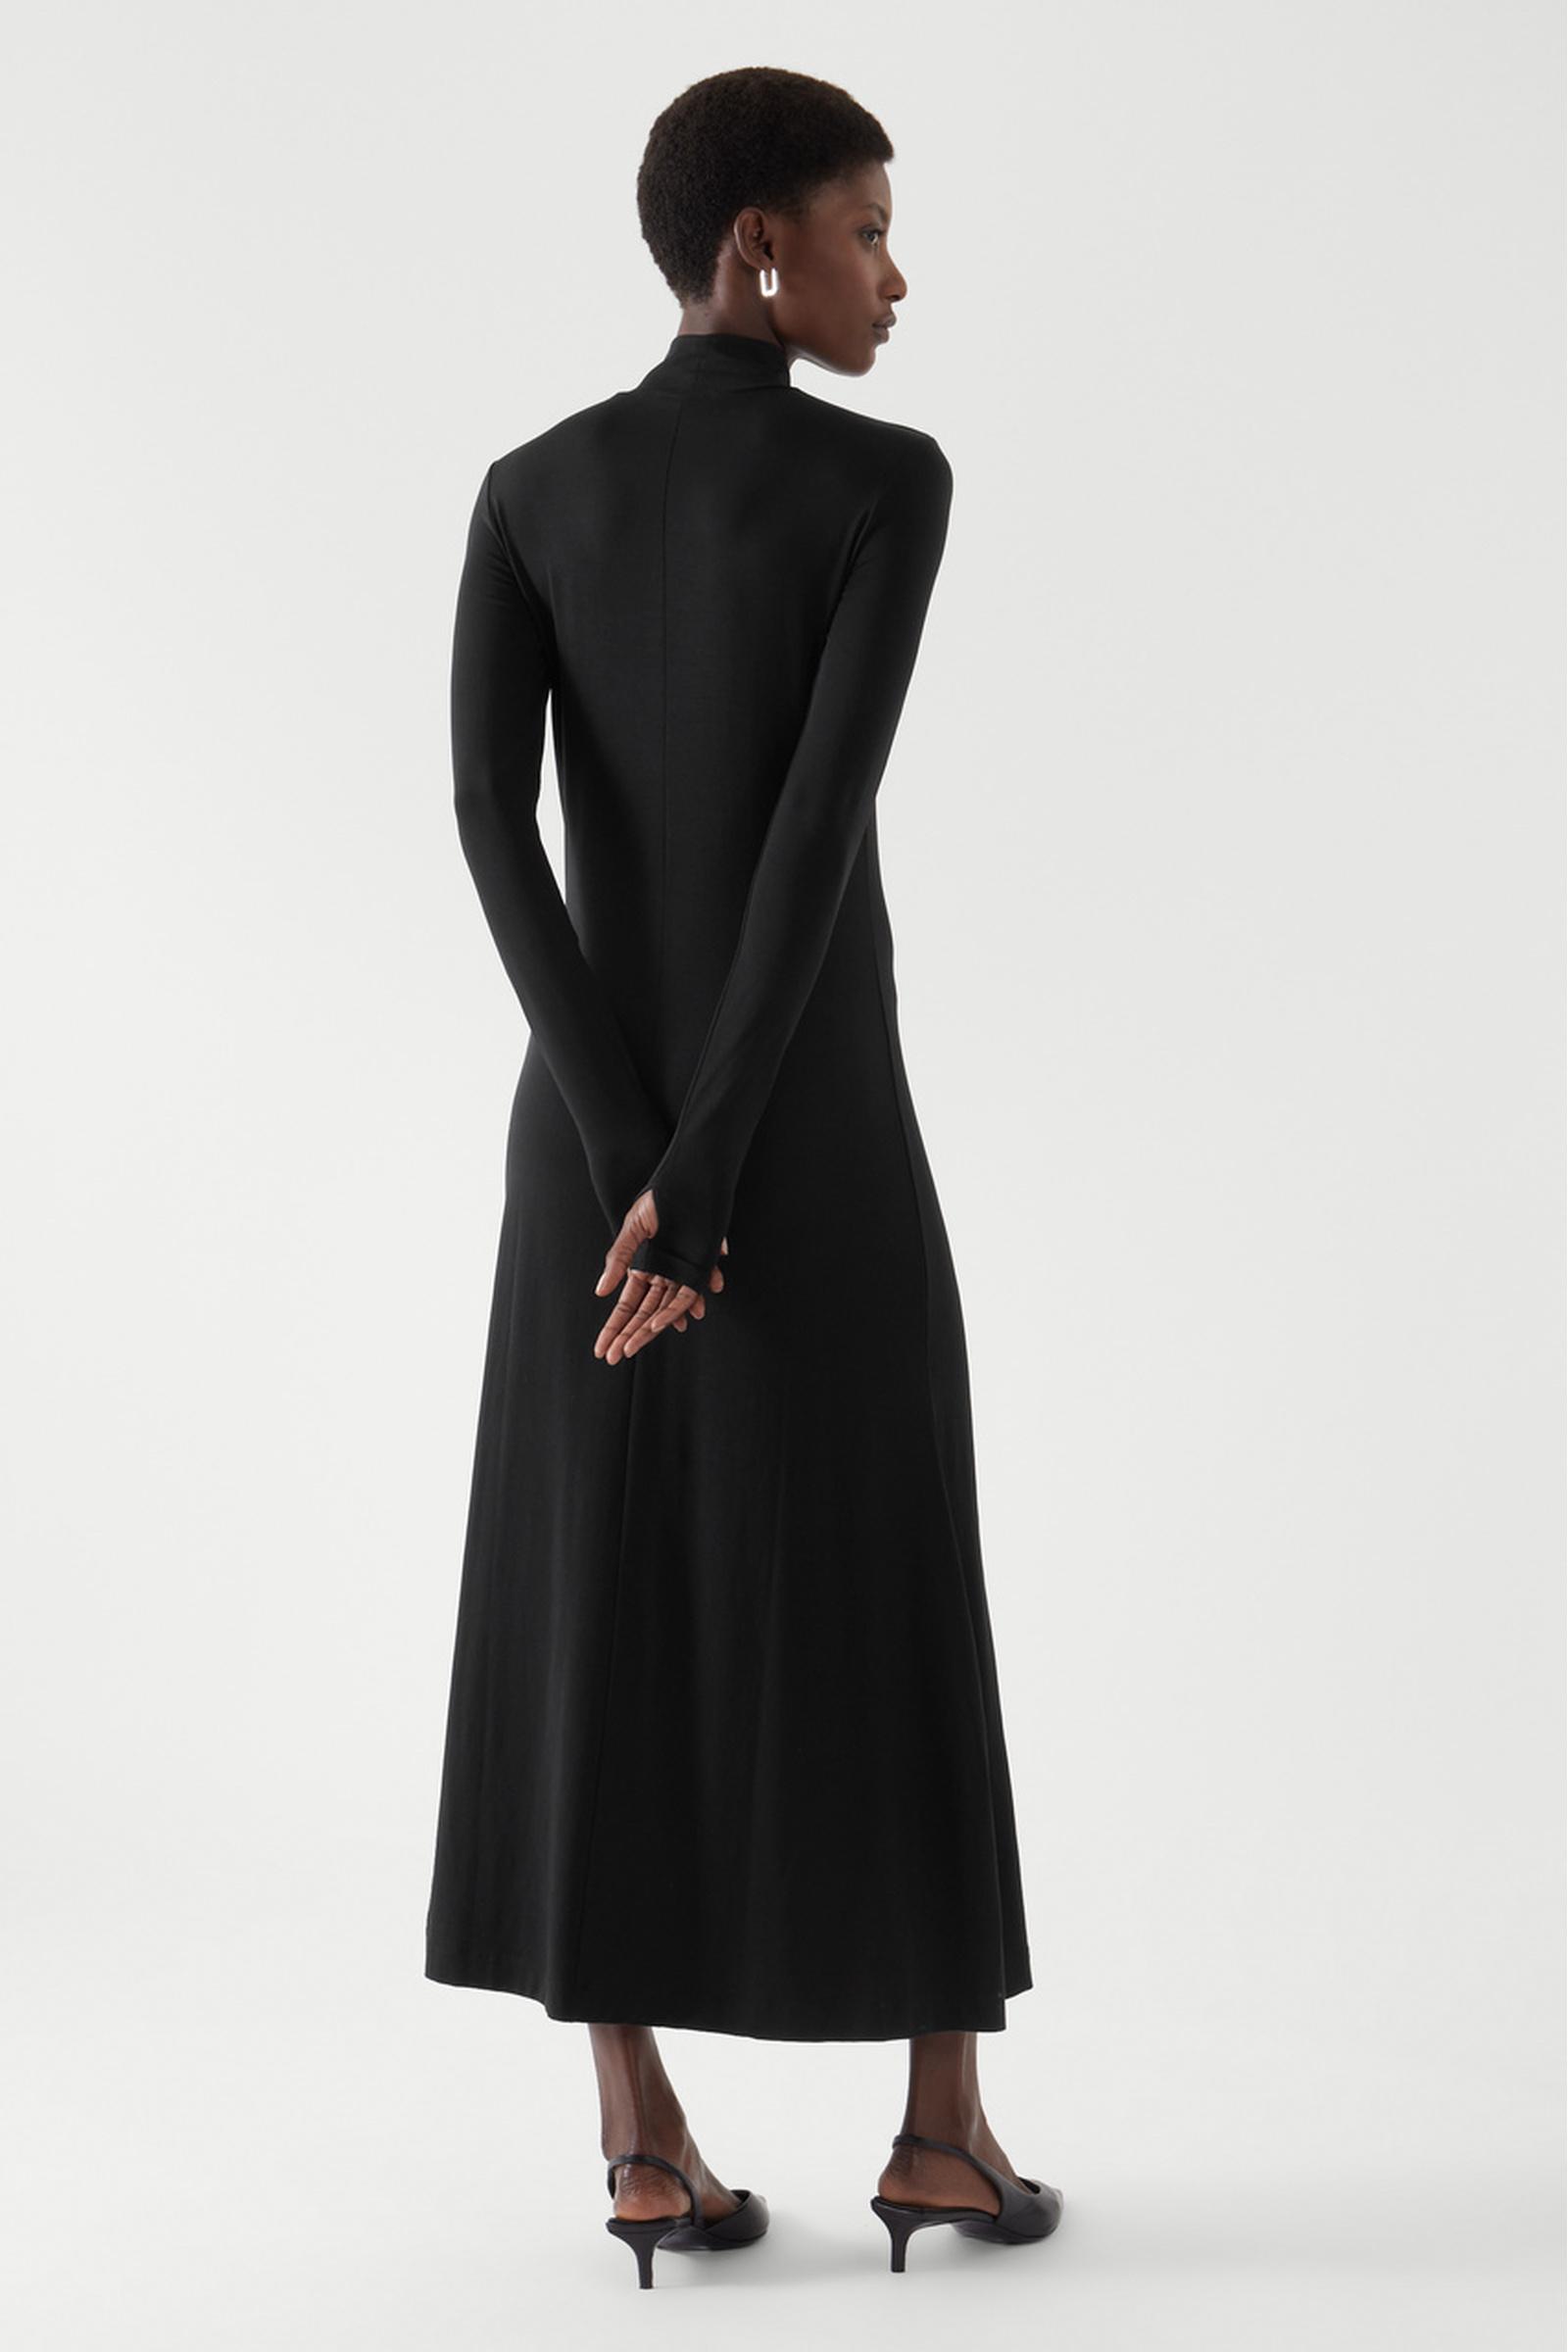 COS 롤넥 맥시 드레스의 블랙컬러 ECOMLook입니다.